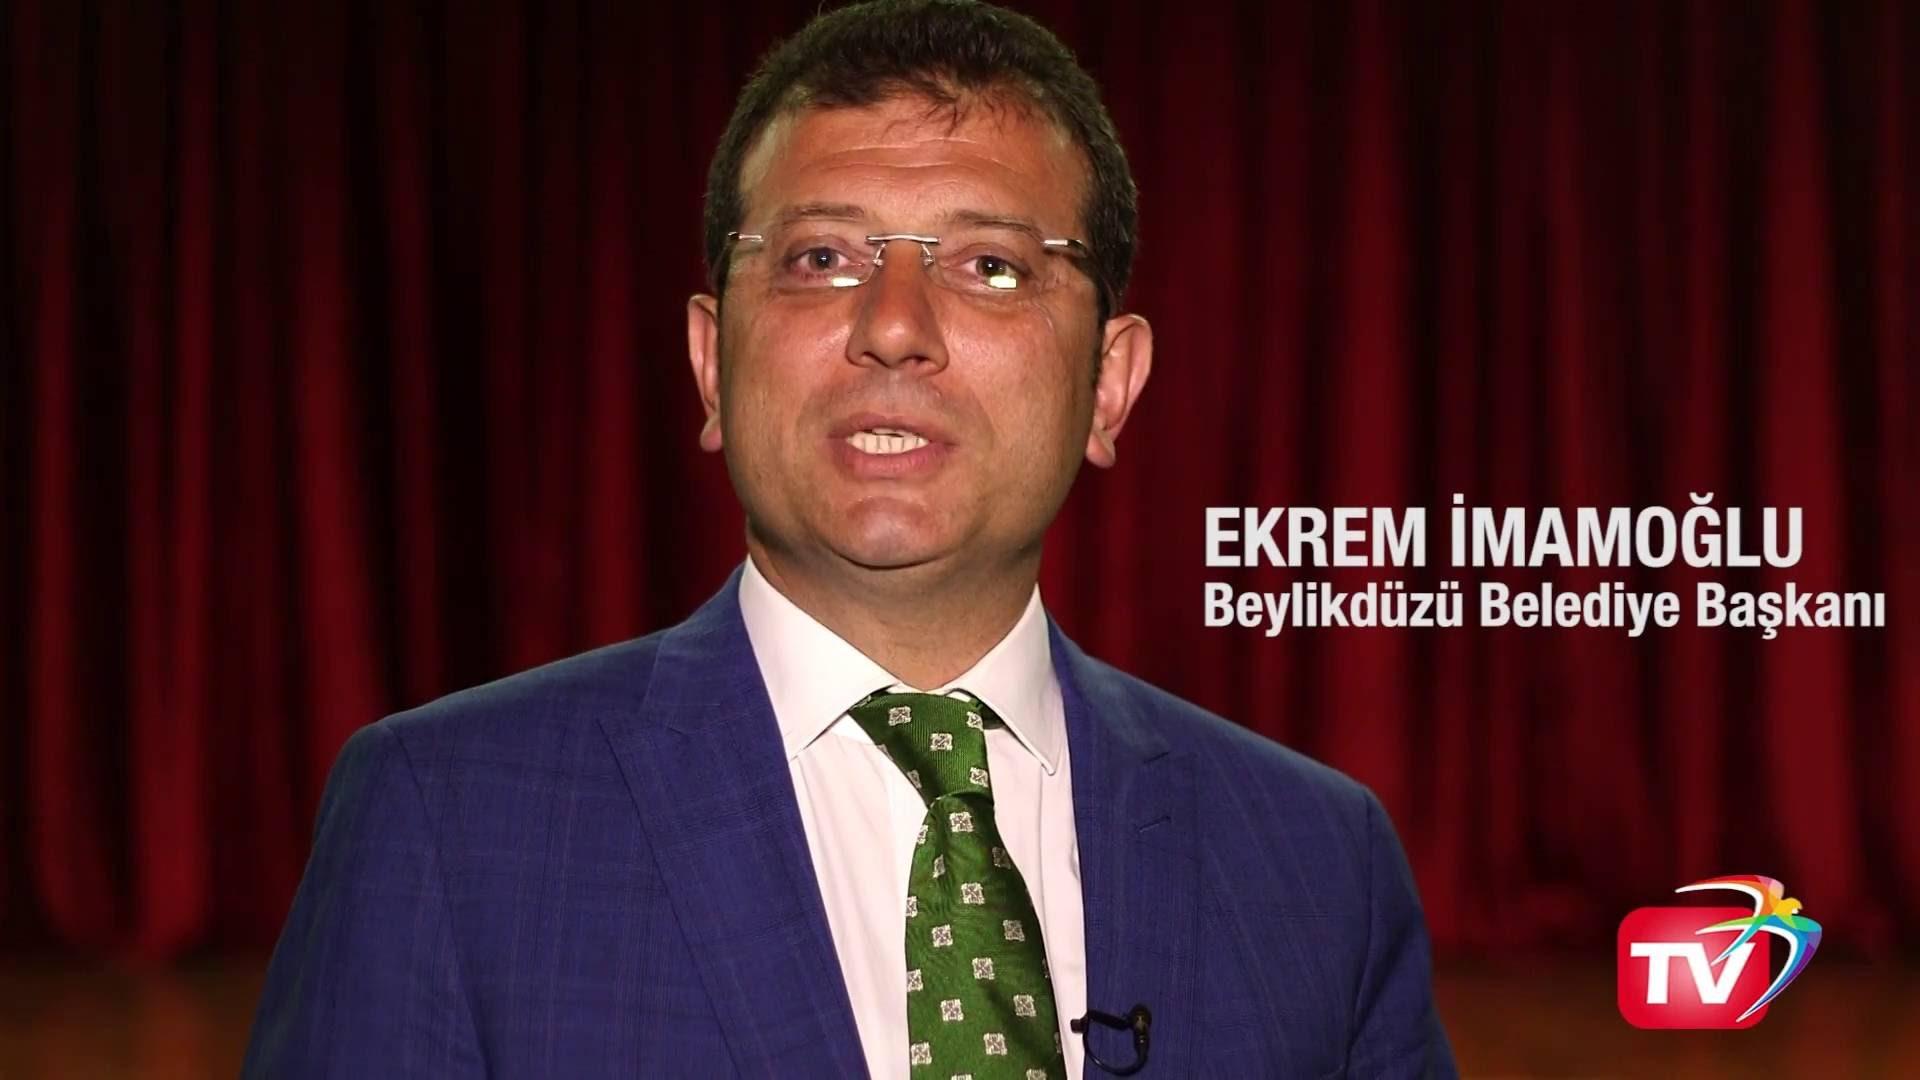 Ekrem İmamoğlu fotoğraf